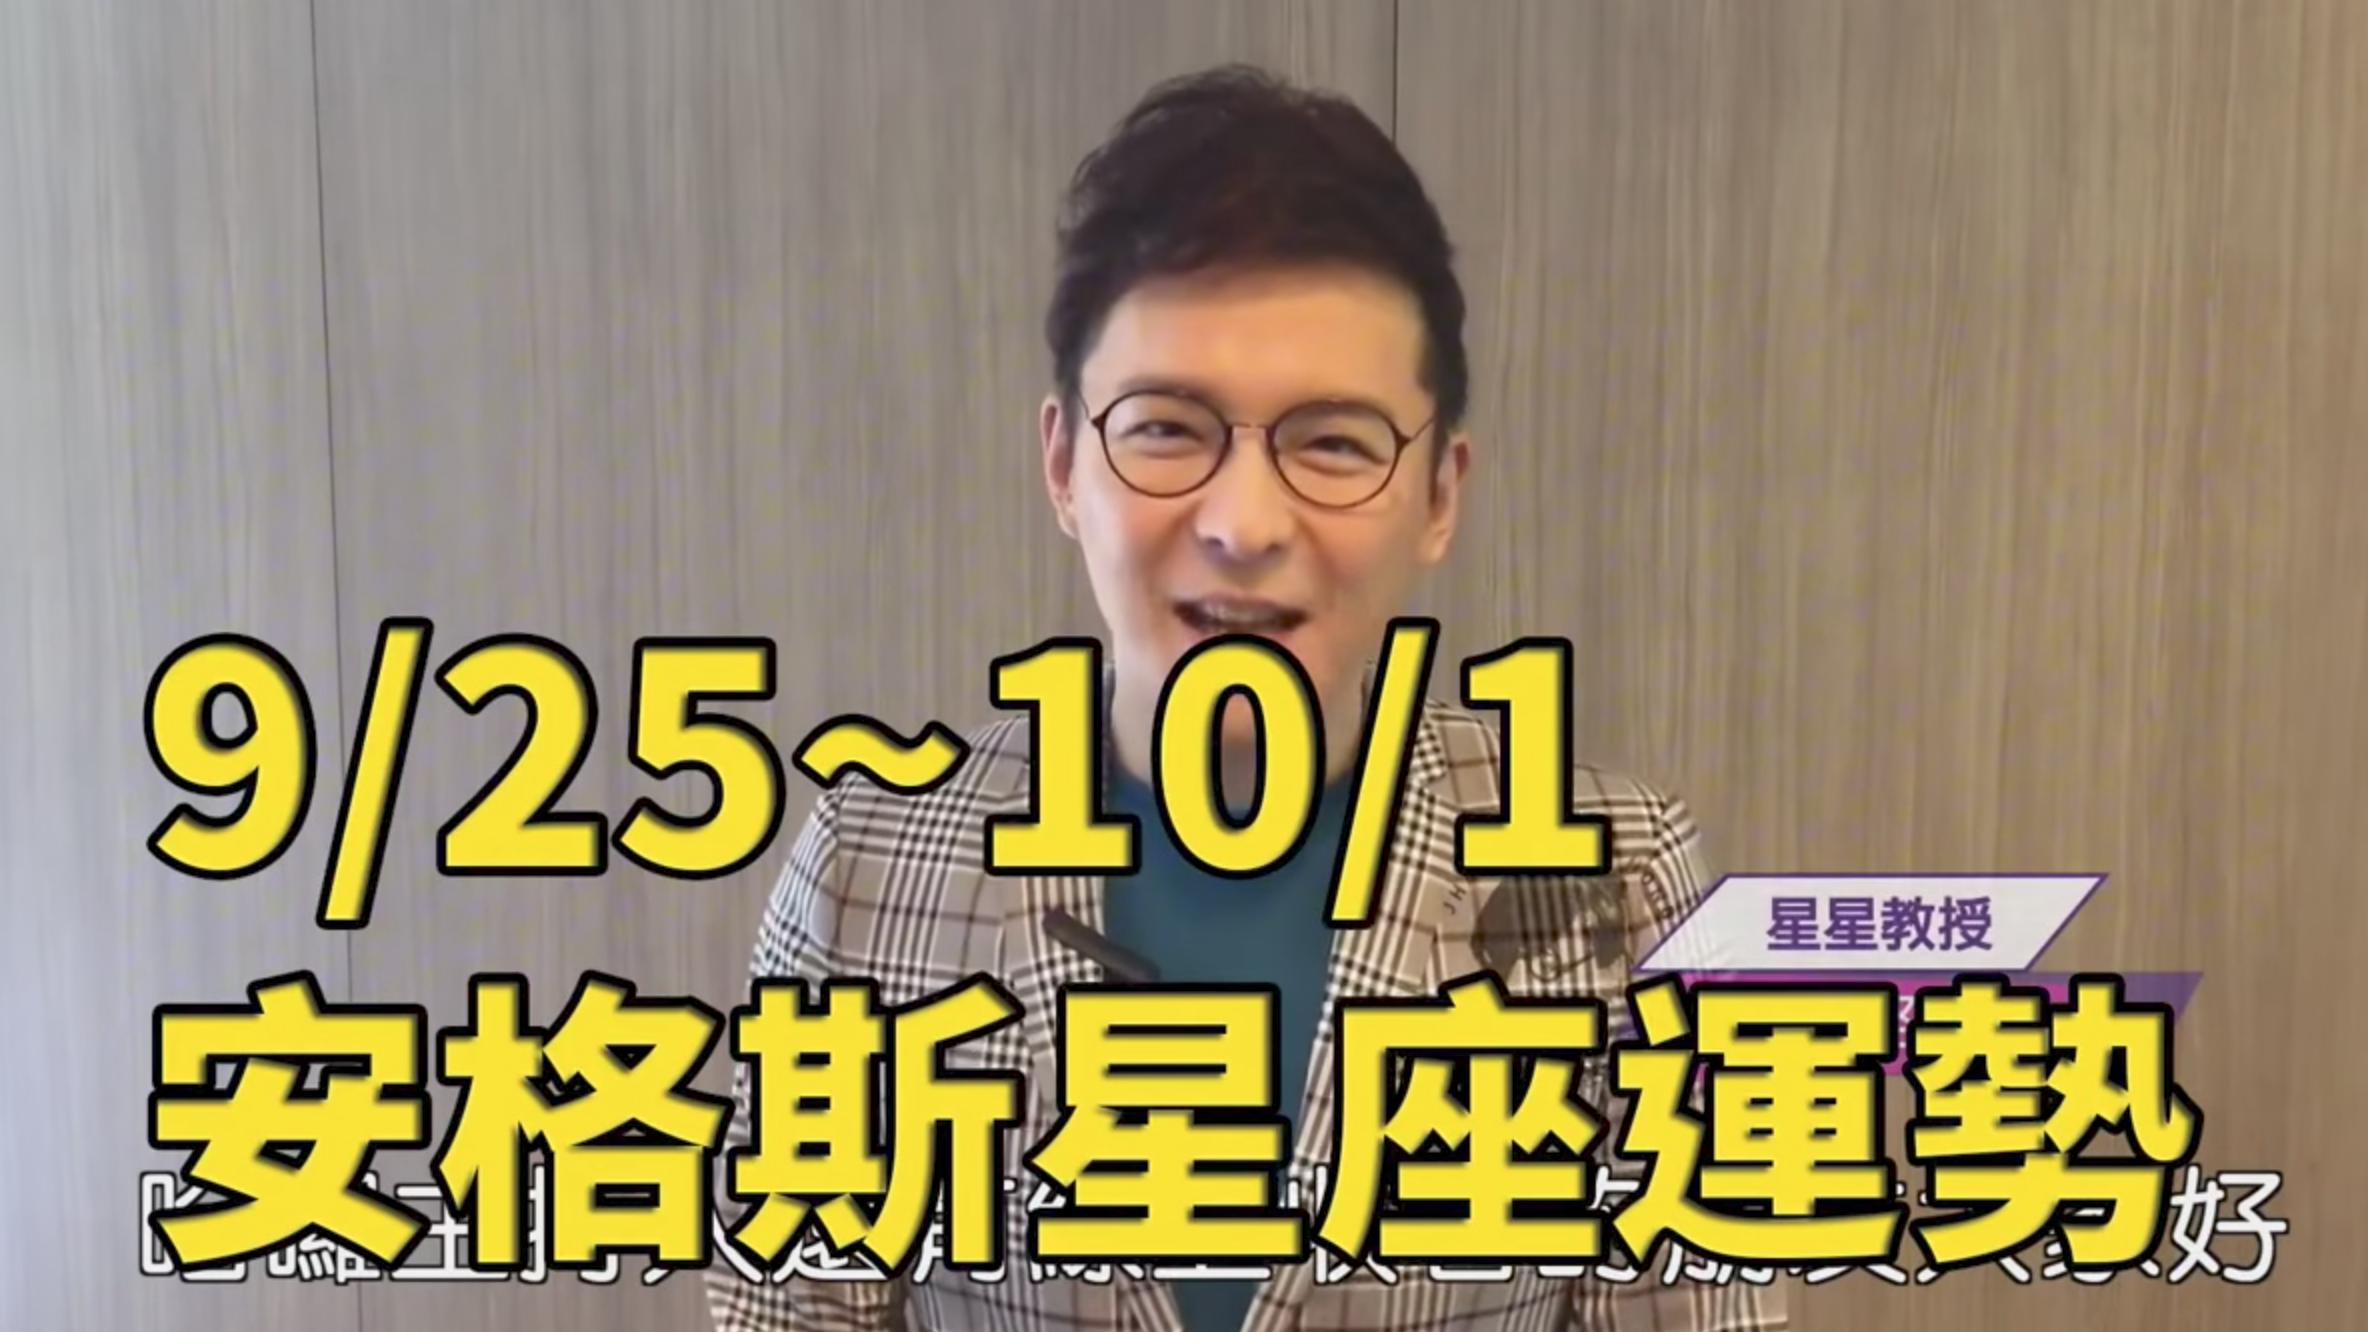 MON.聽老師的話|09/25-10/01運勢週報